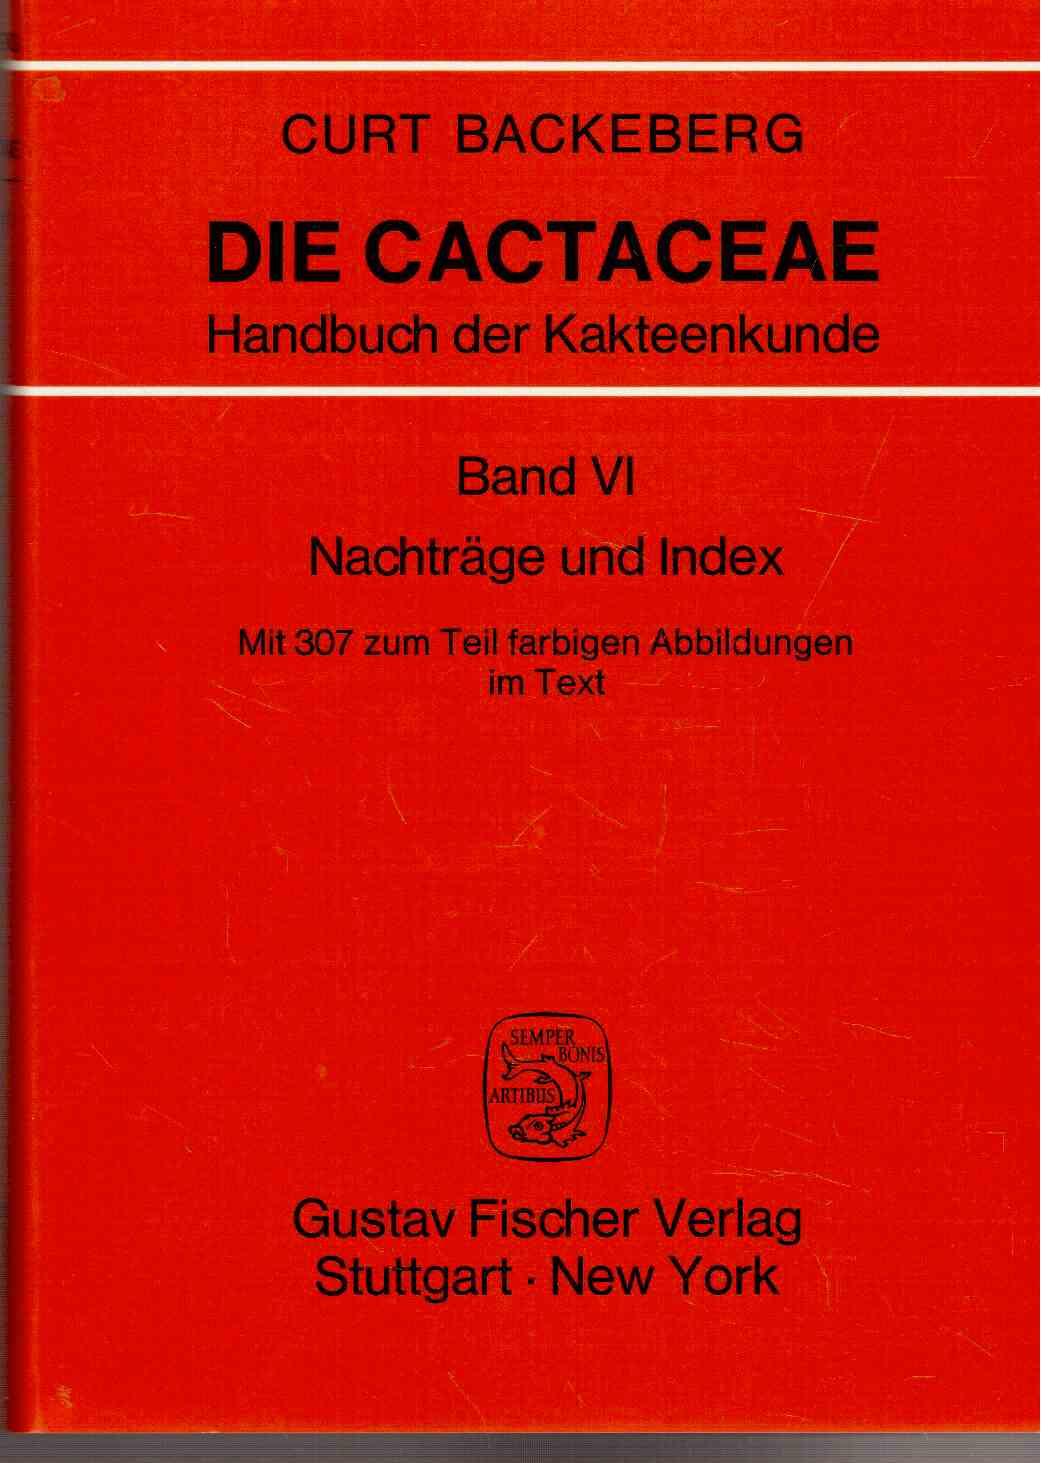 Die Cactaceae. Handbuch der Kakteenkunde.